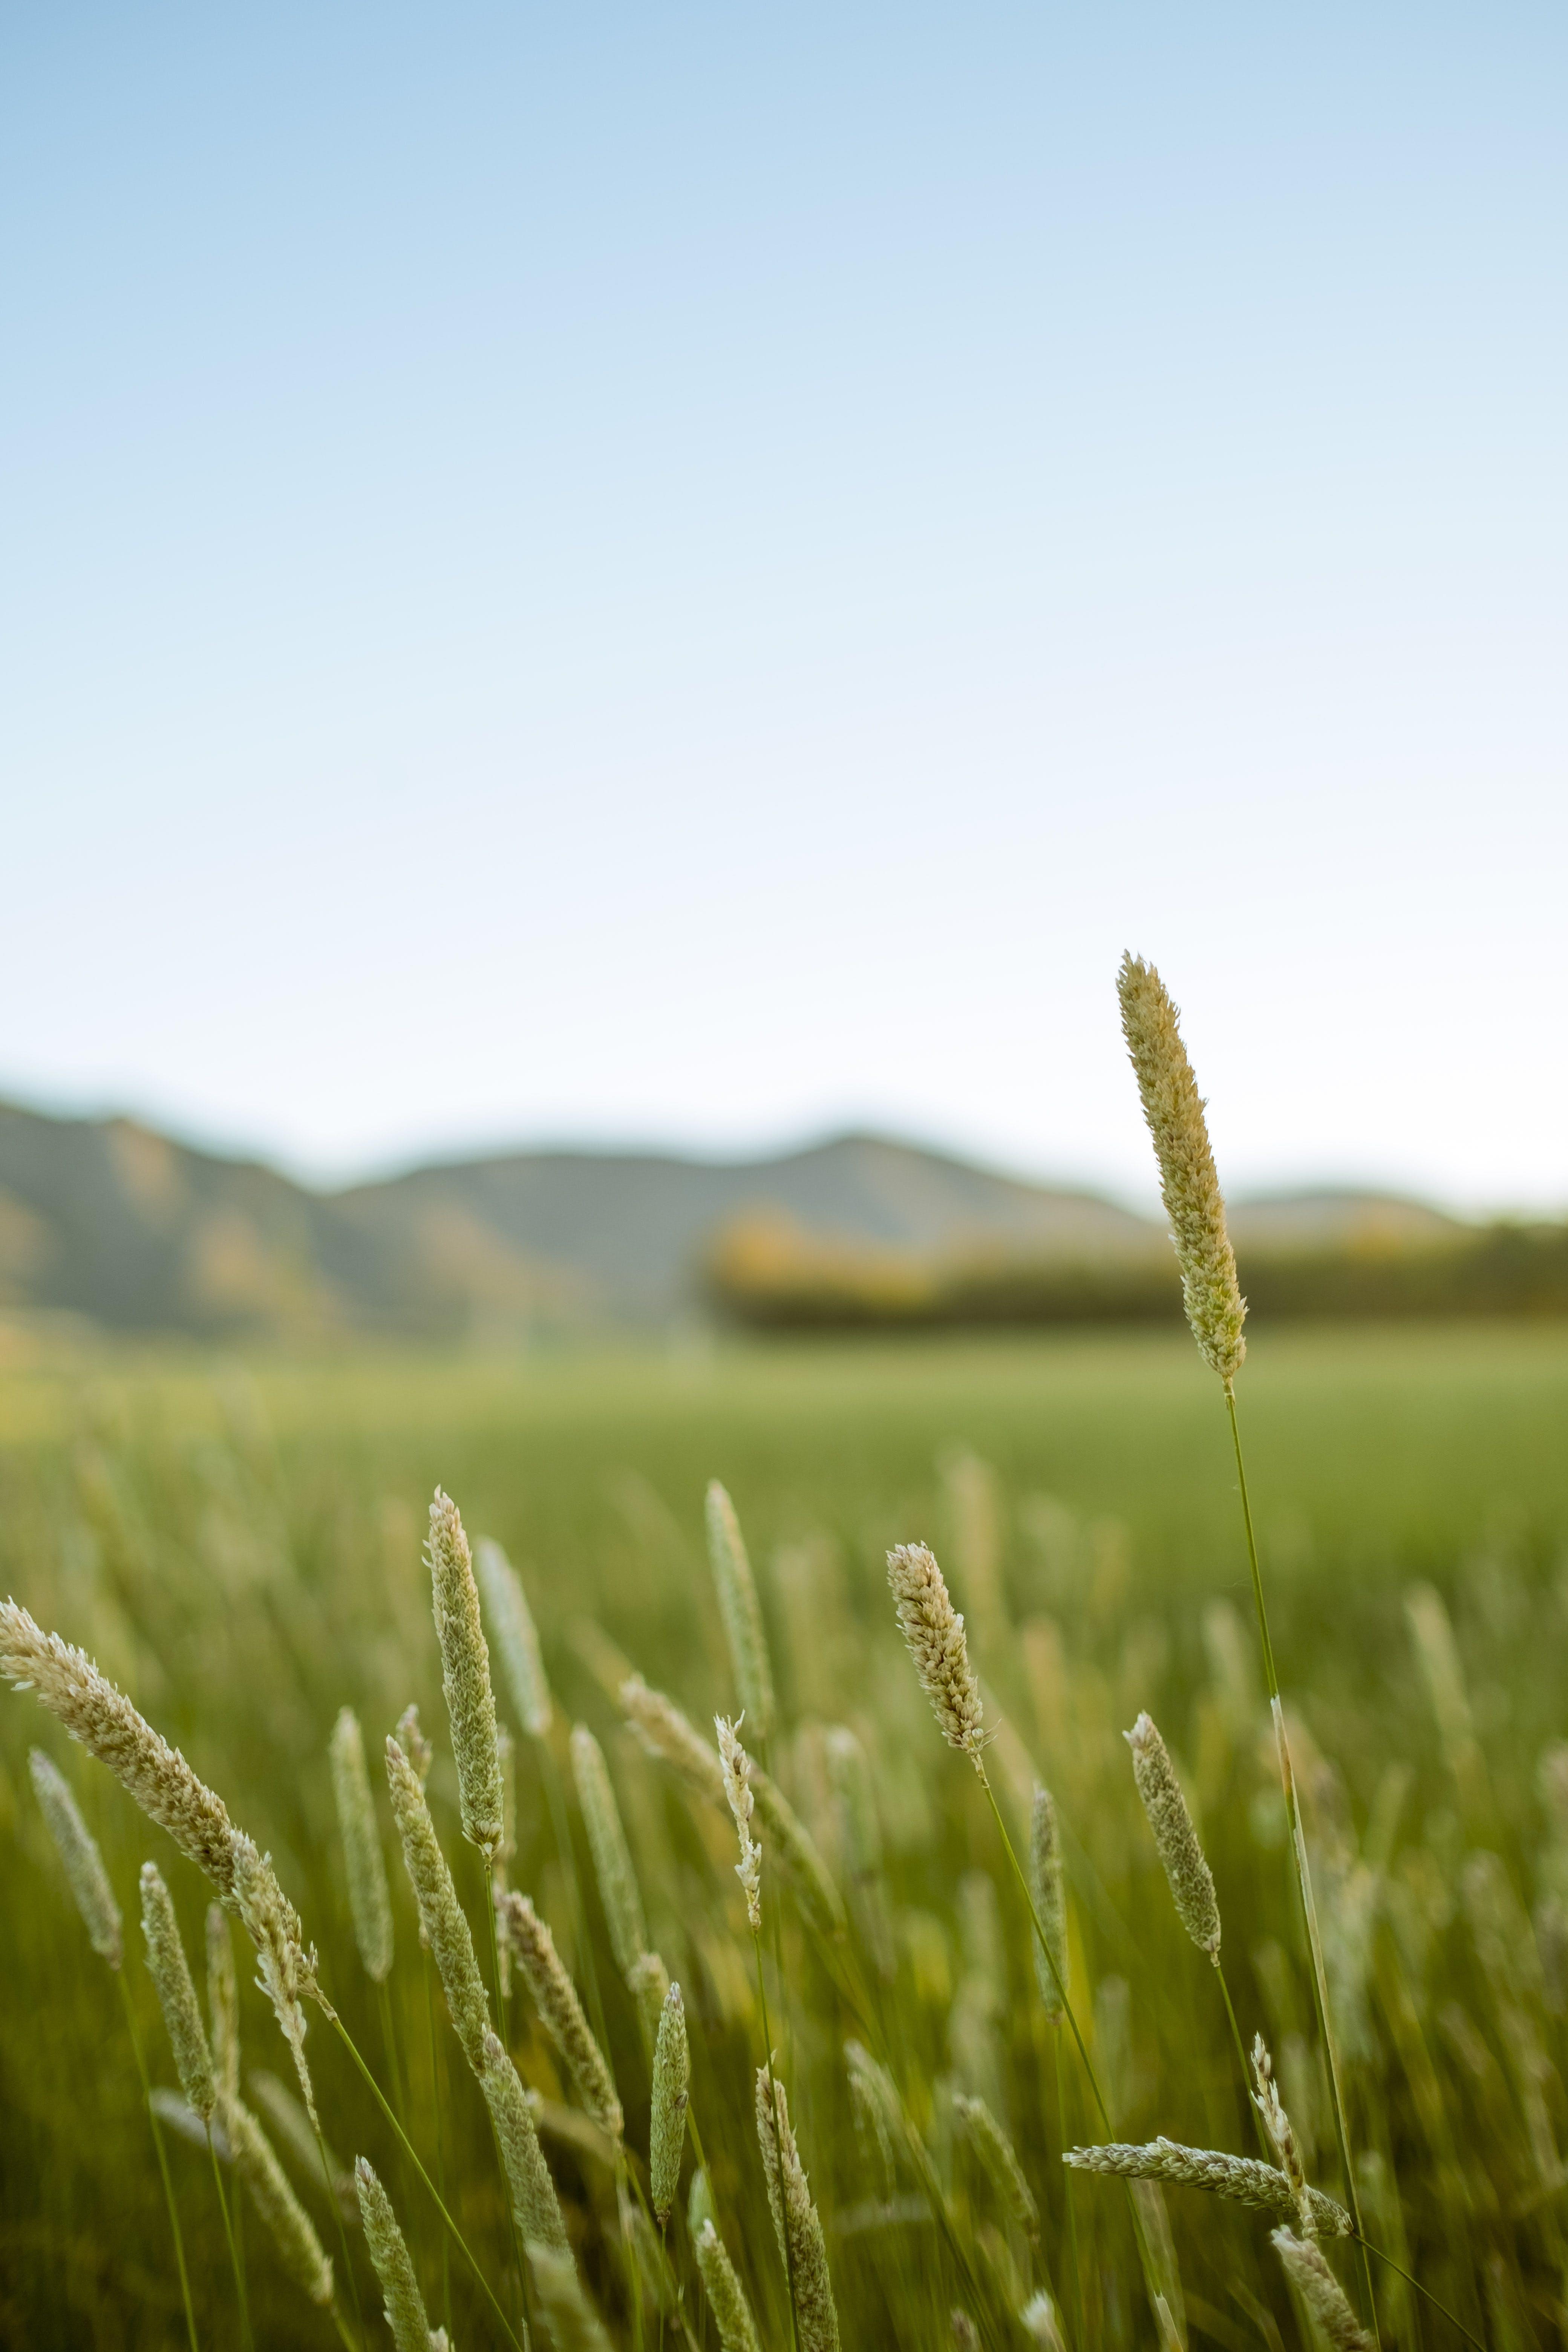 Δωρεάν στοκ φωτογραφιών με sardegna, αγρόκτημα, ανάπτυξη, άχυρο